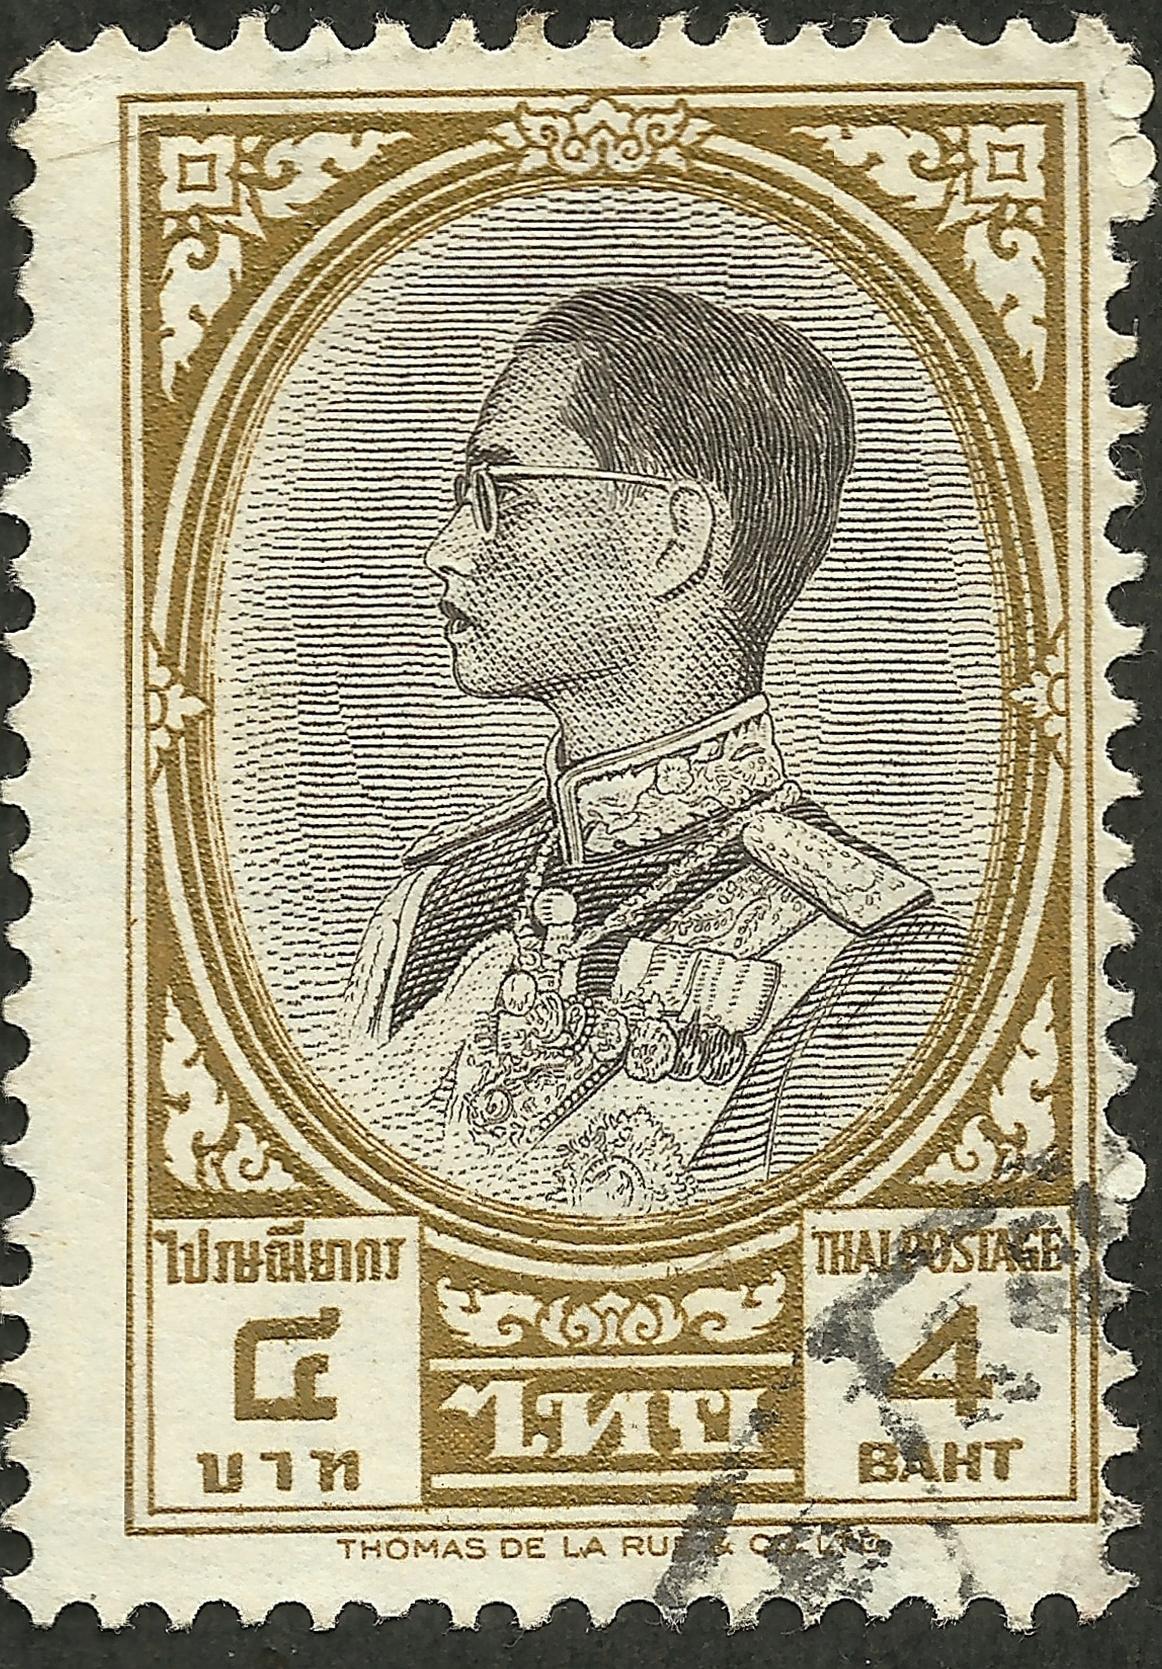 Thailand #358A (1968)